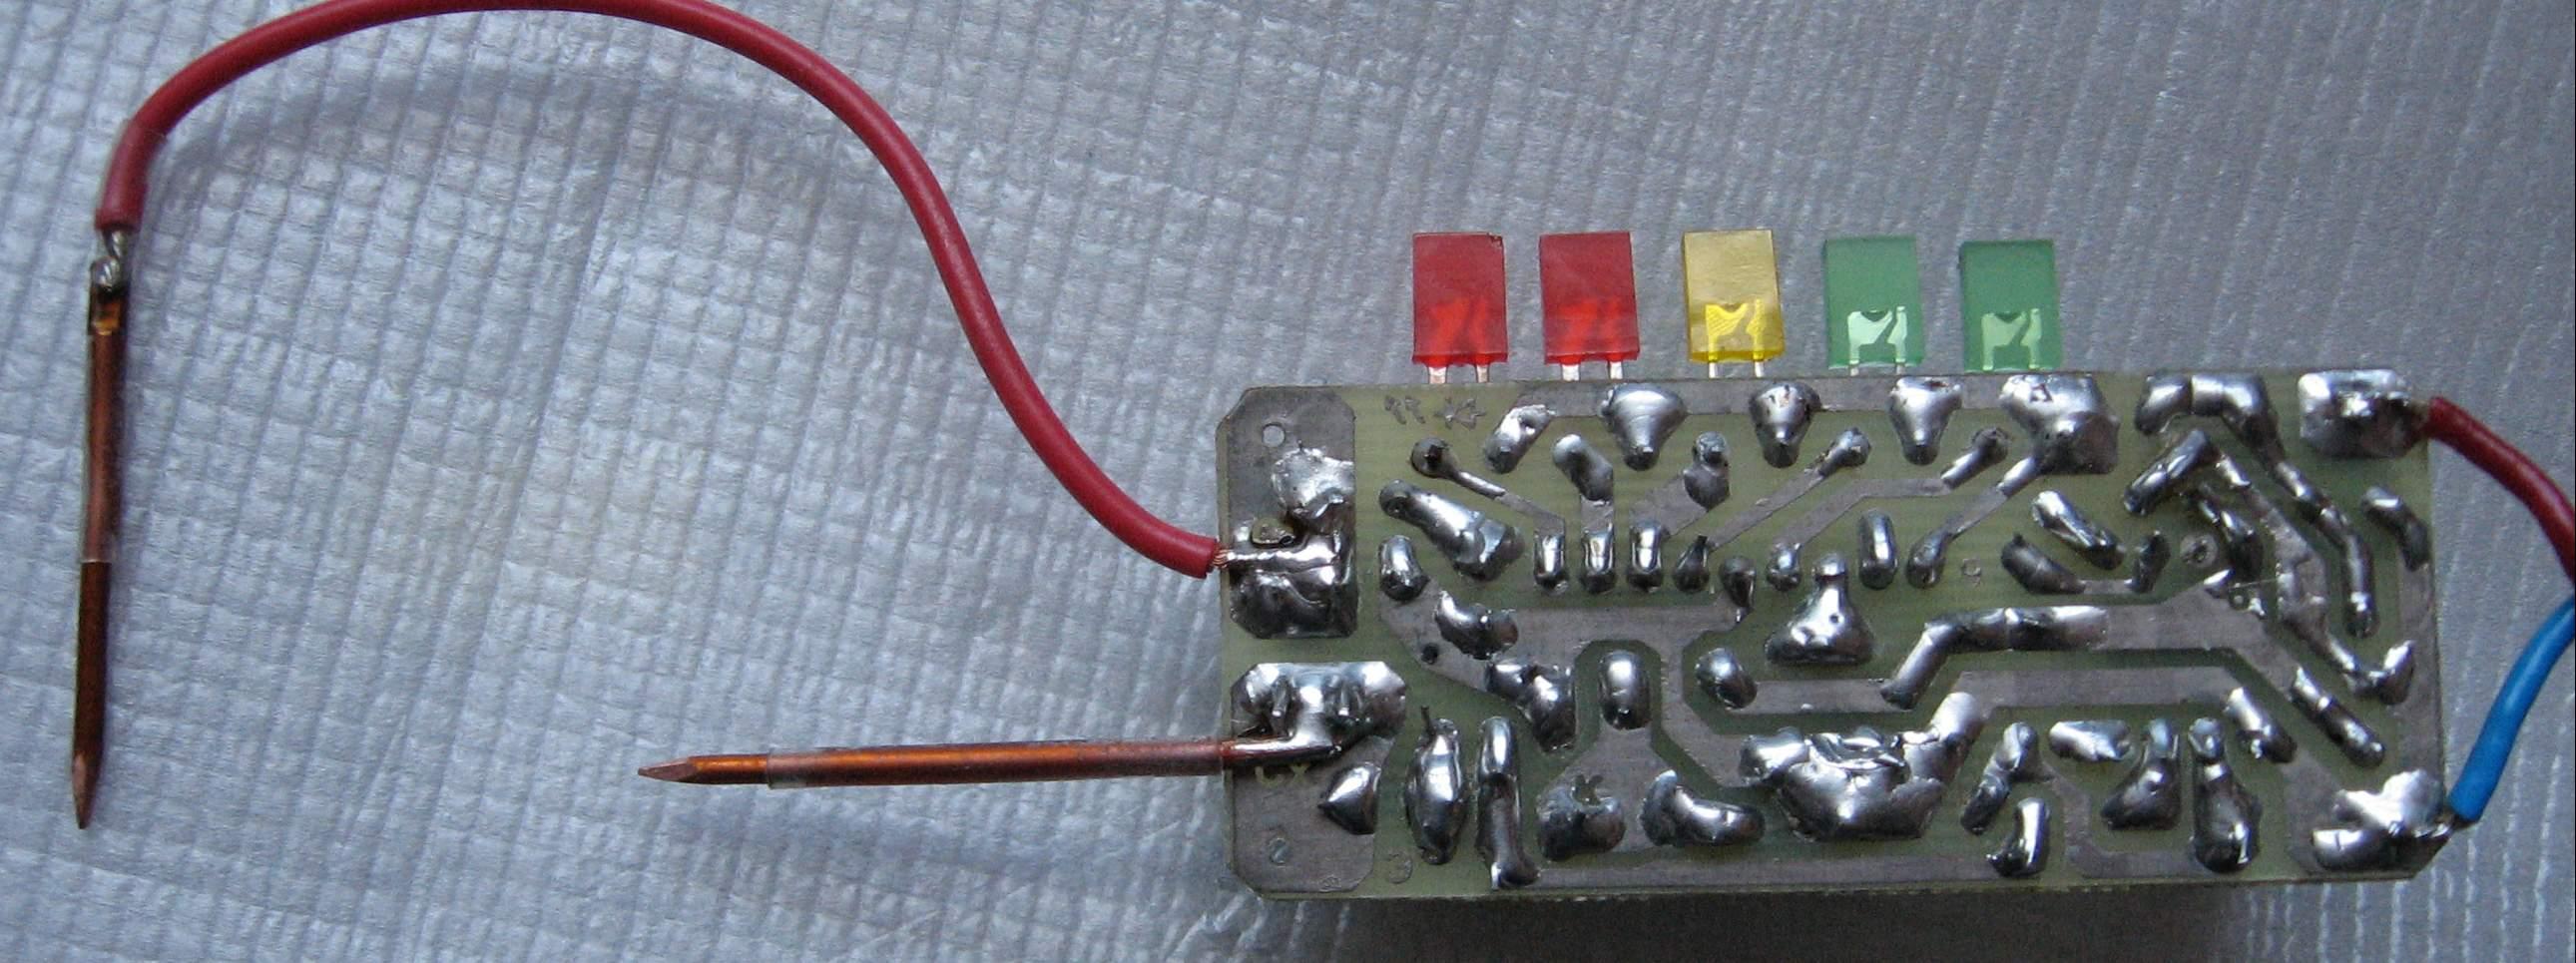 Кое-что о взаимозаменяемости электролитических конденсаторов